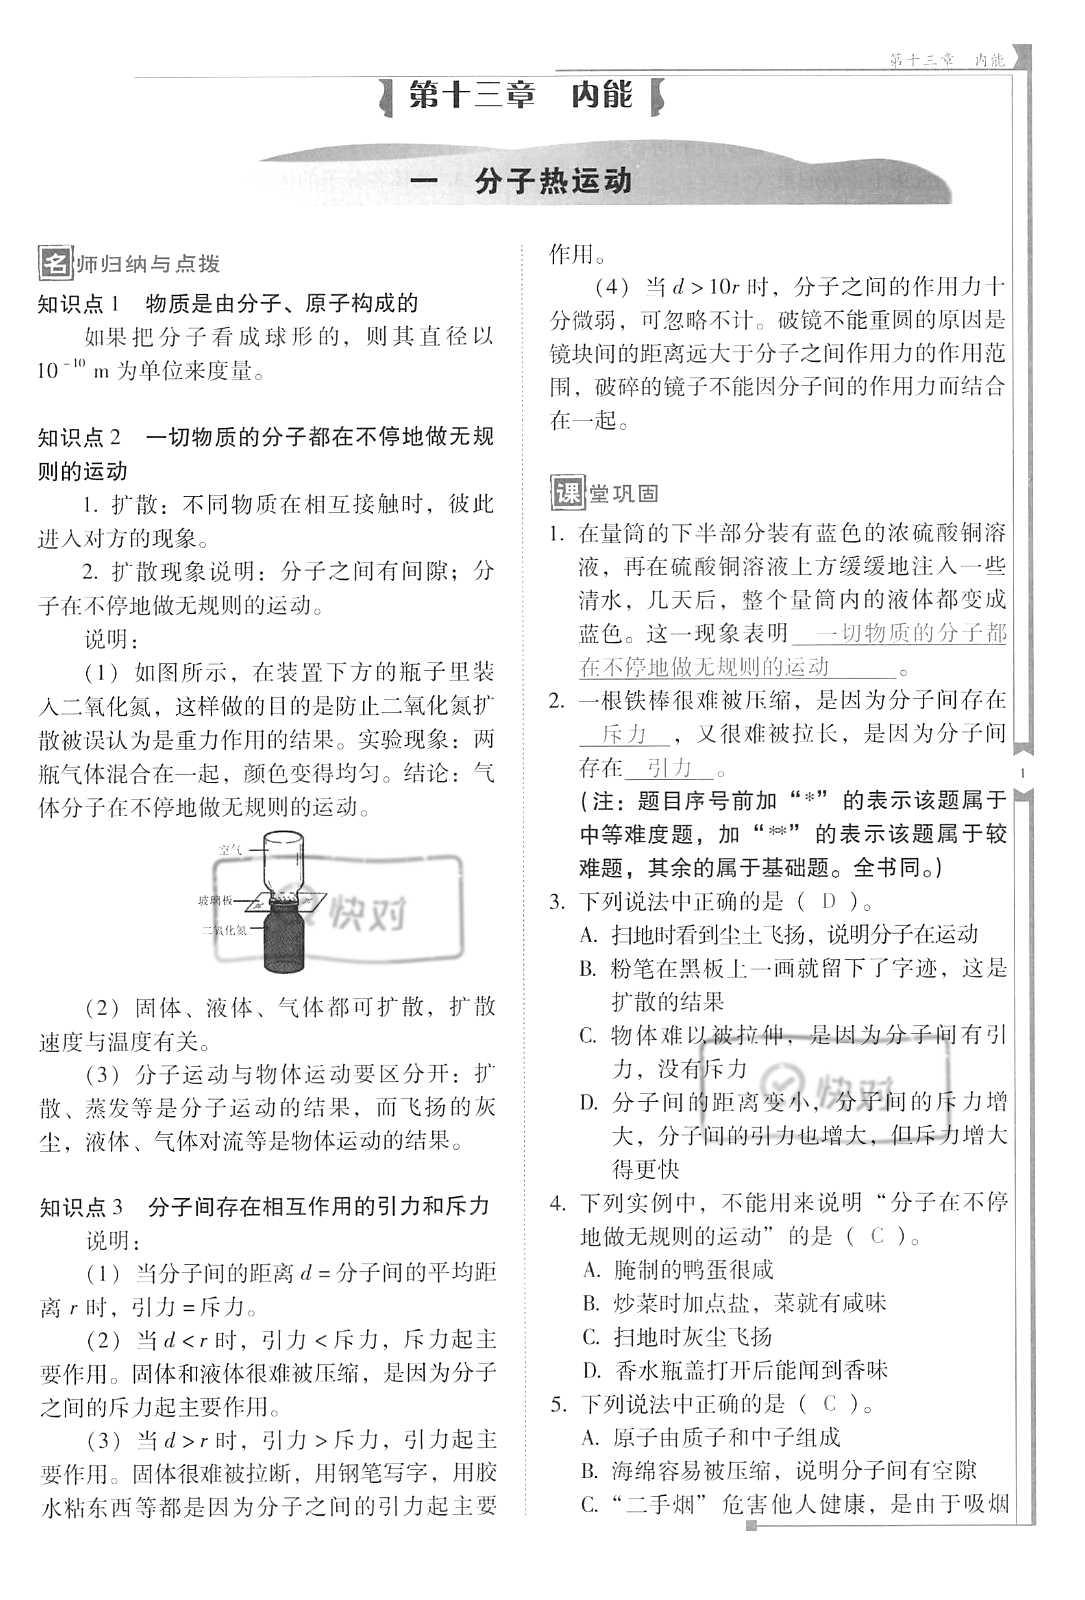 2021年云南省标准教辅优佳学案九年级物理上册人教版